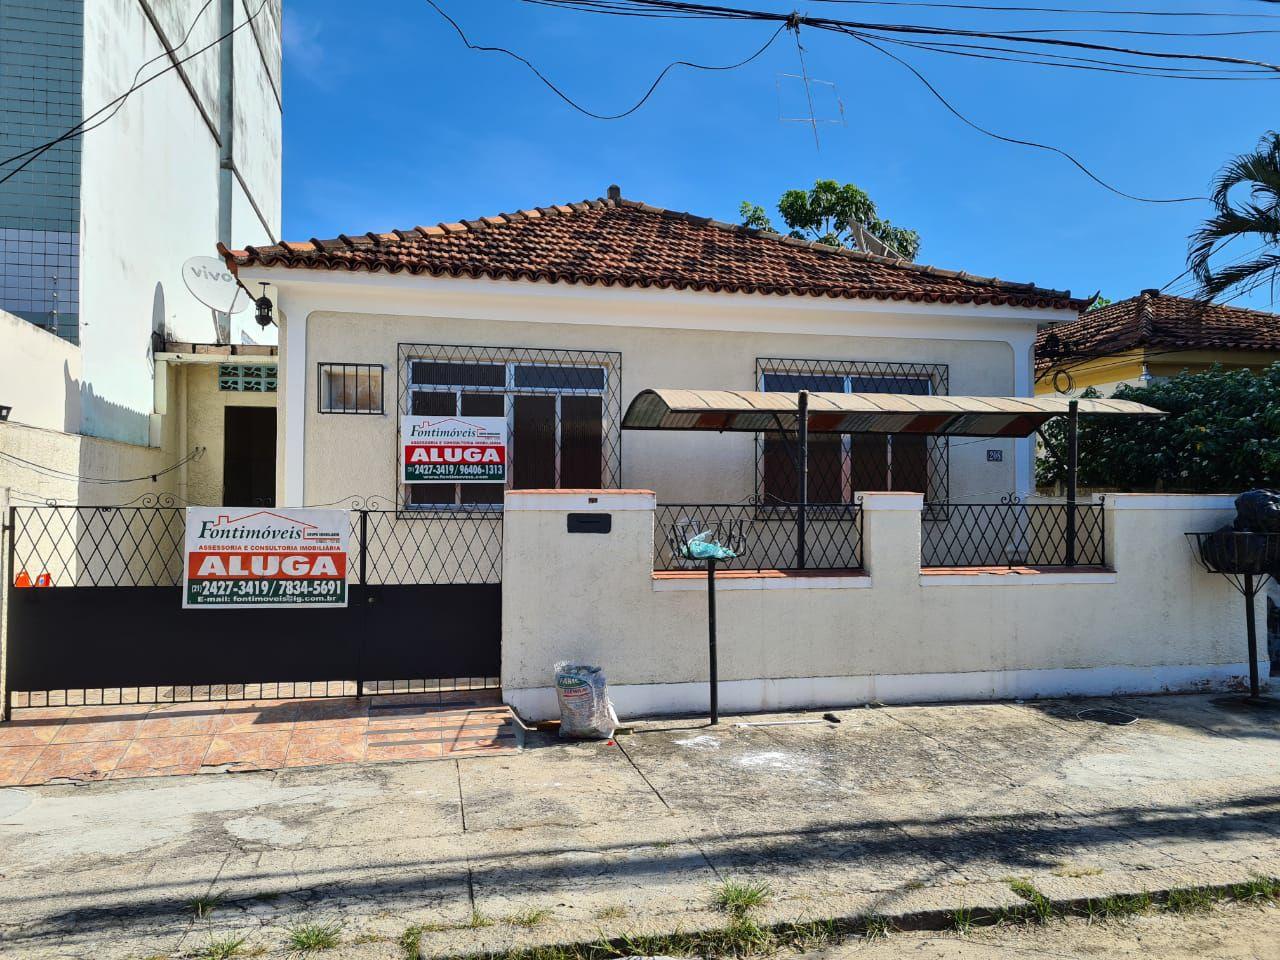 ALUGUEL CASA 2 QUARTOS TAQUARA/RJ - 386 - 1